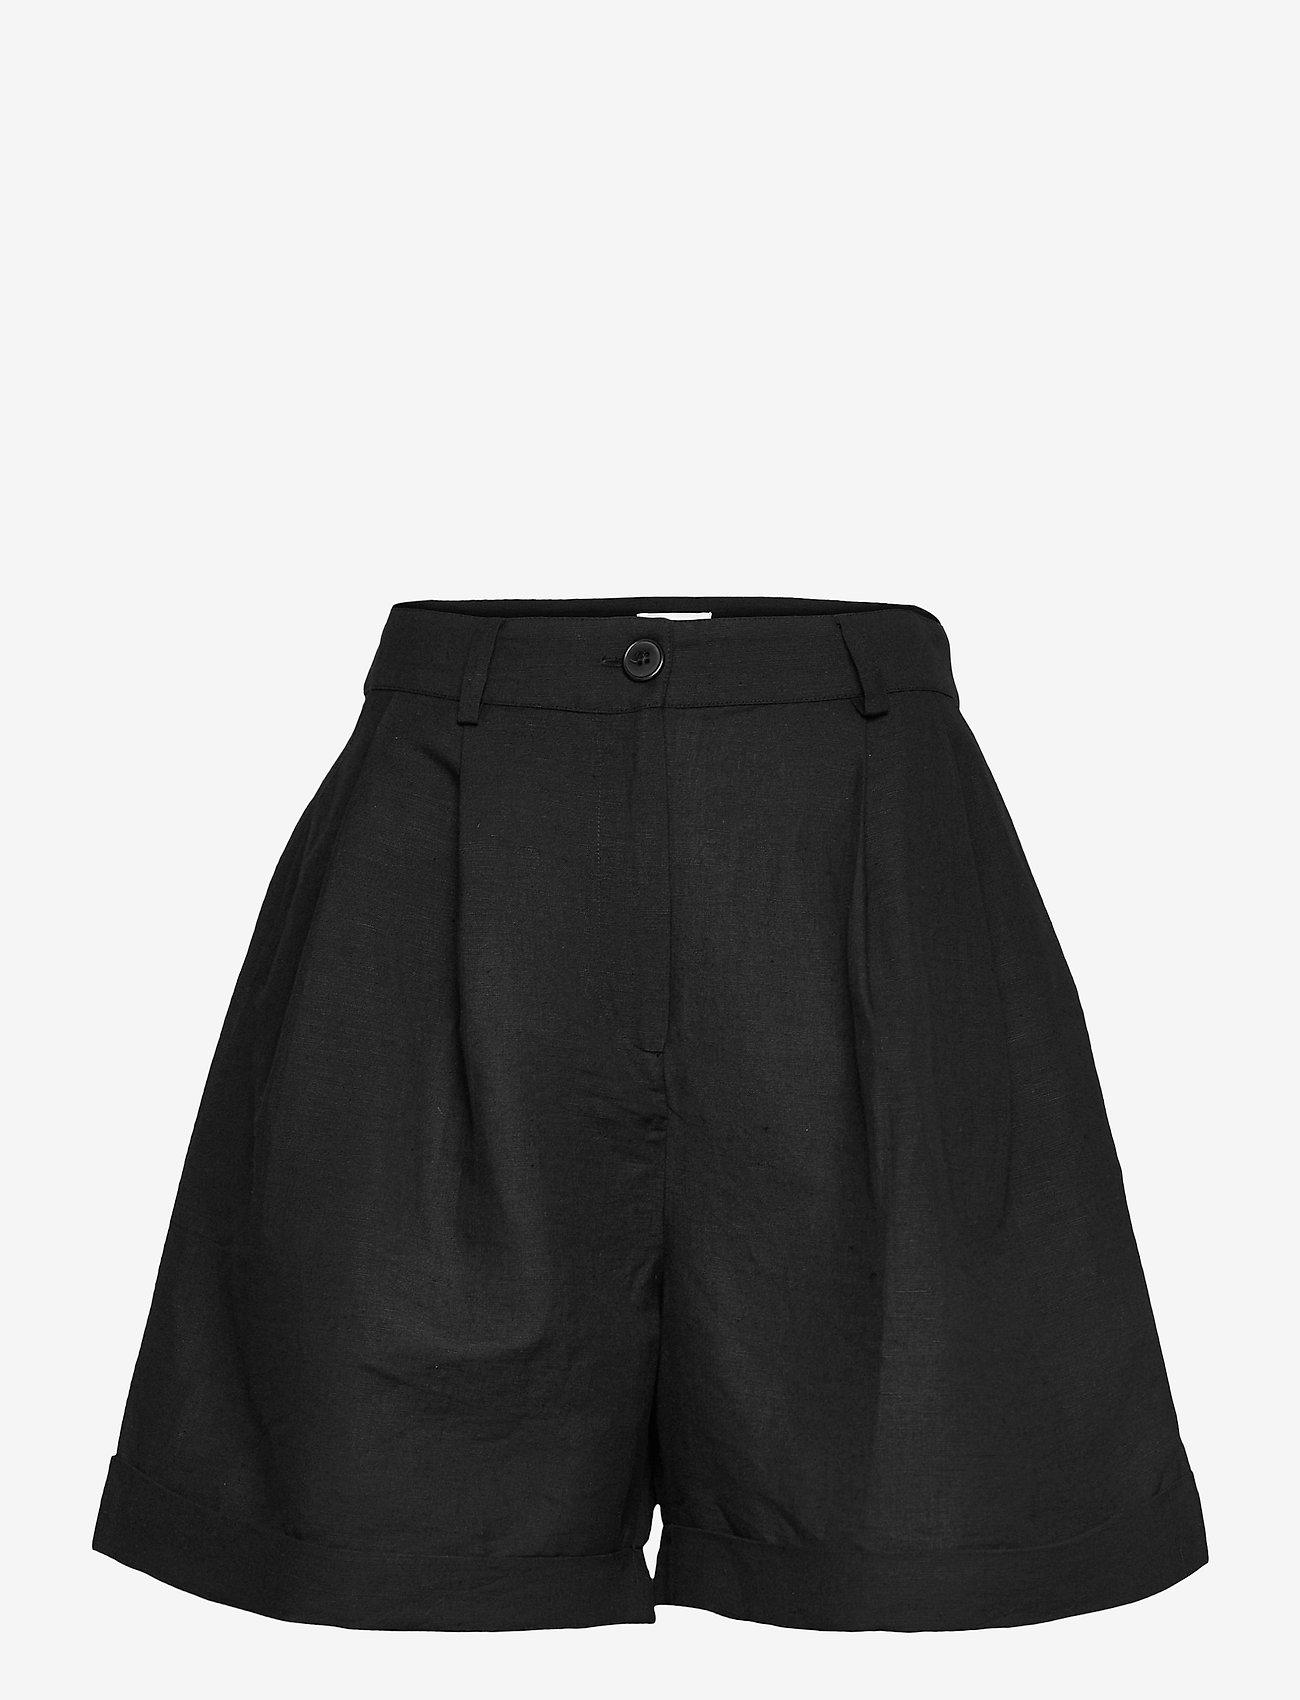 2NDDAY - 2ND Marisol - chino shorts - jet black - 1